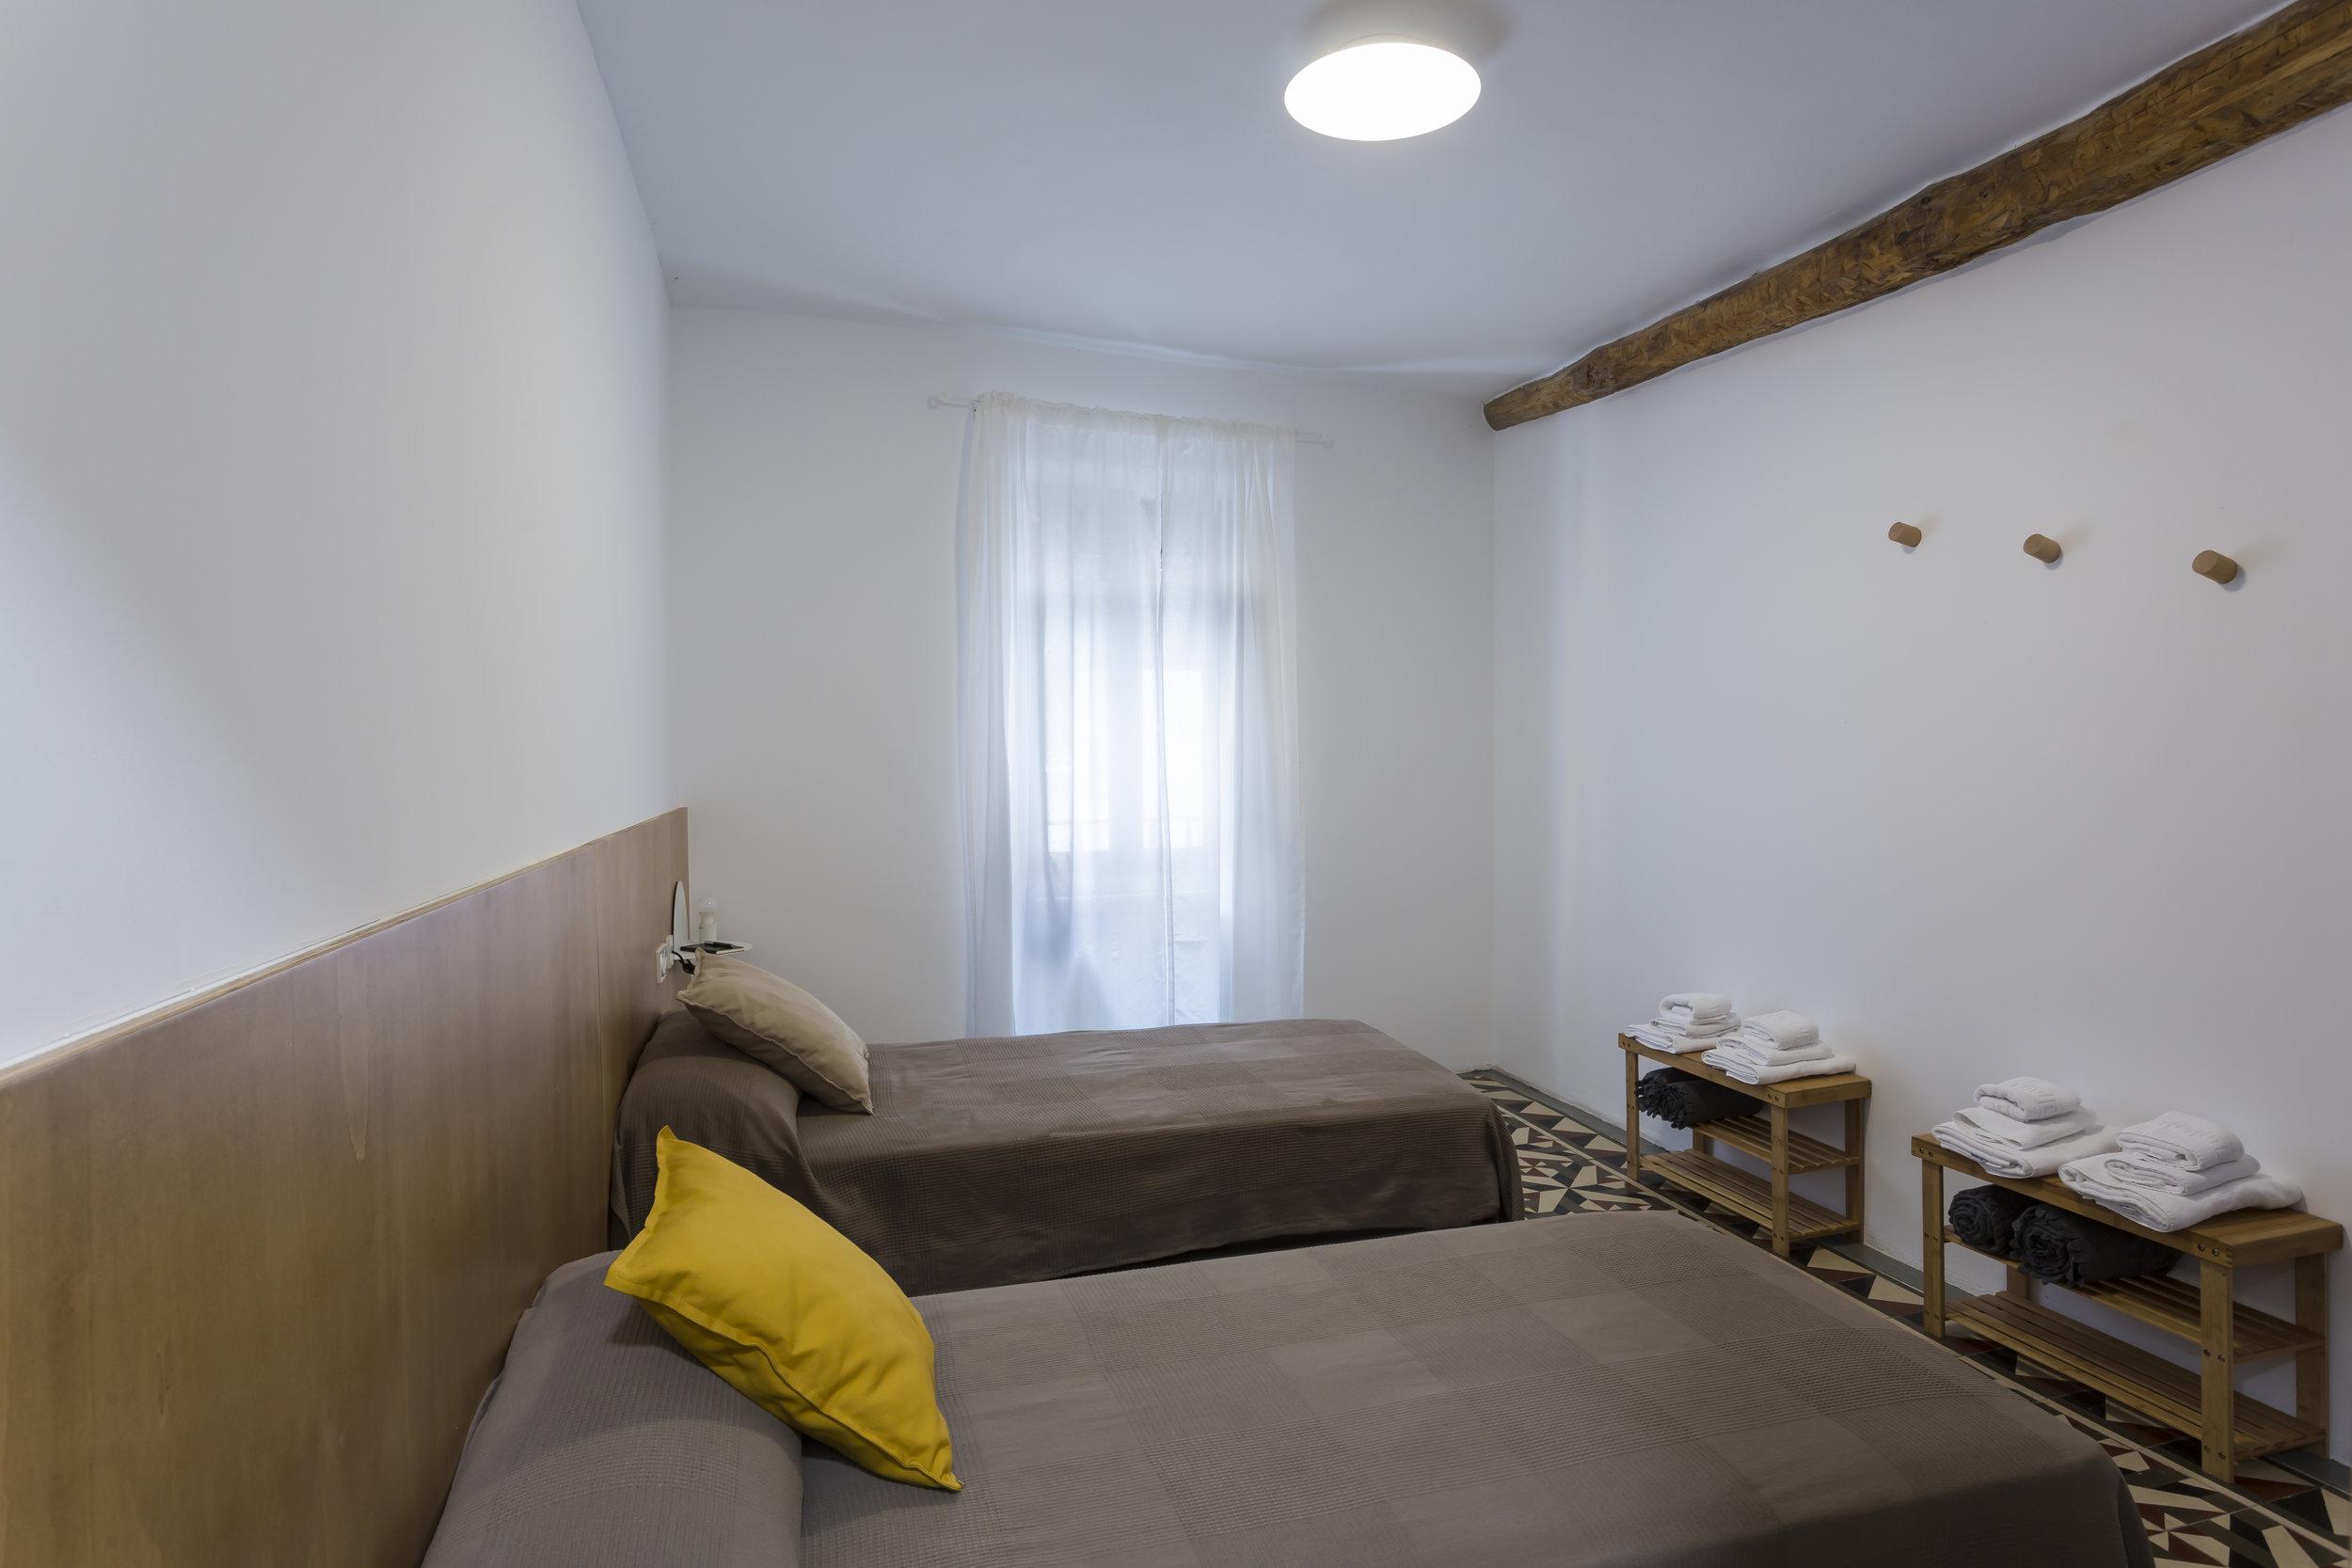 HostelB_11.jpg